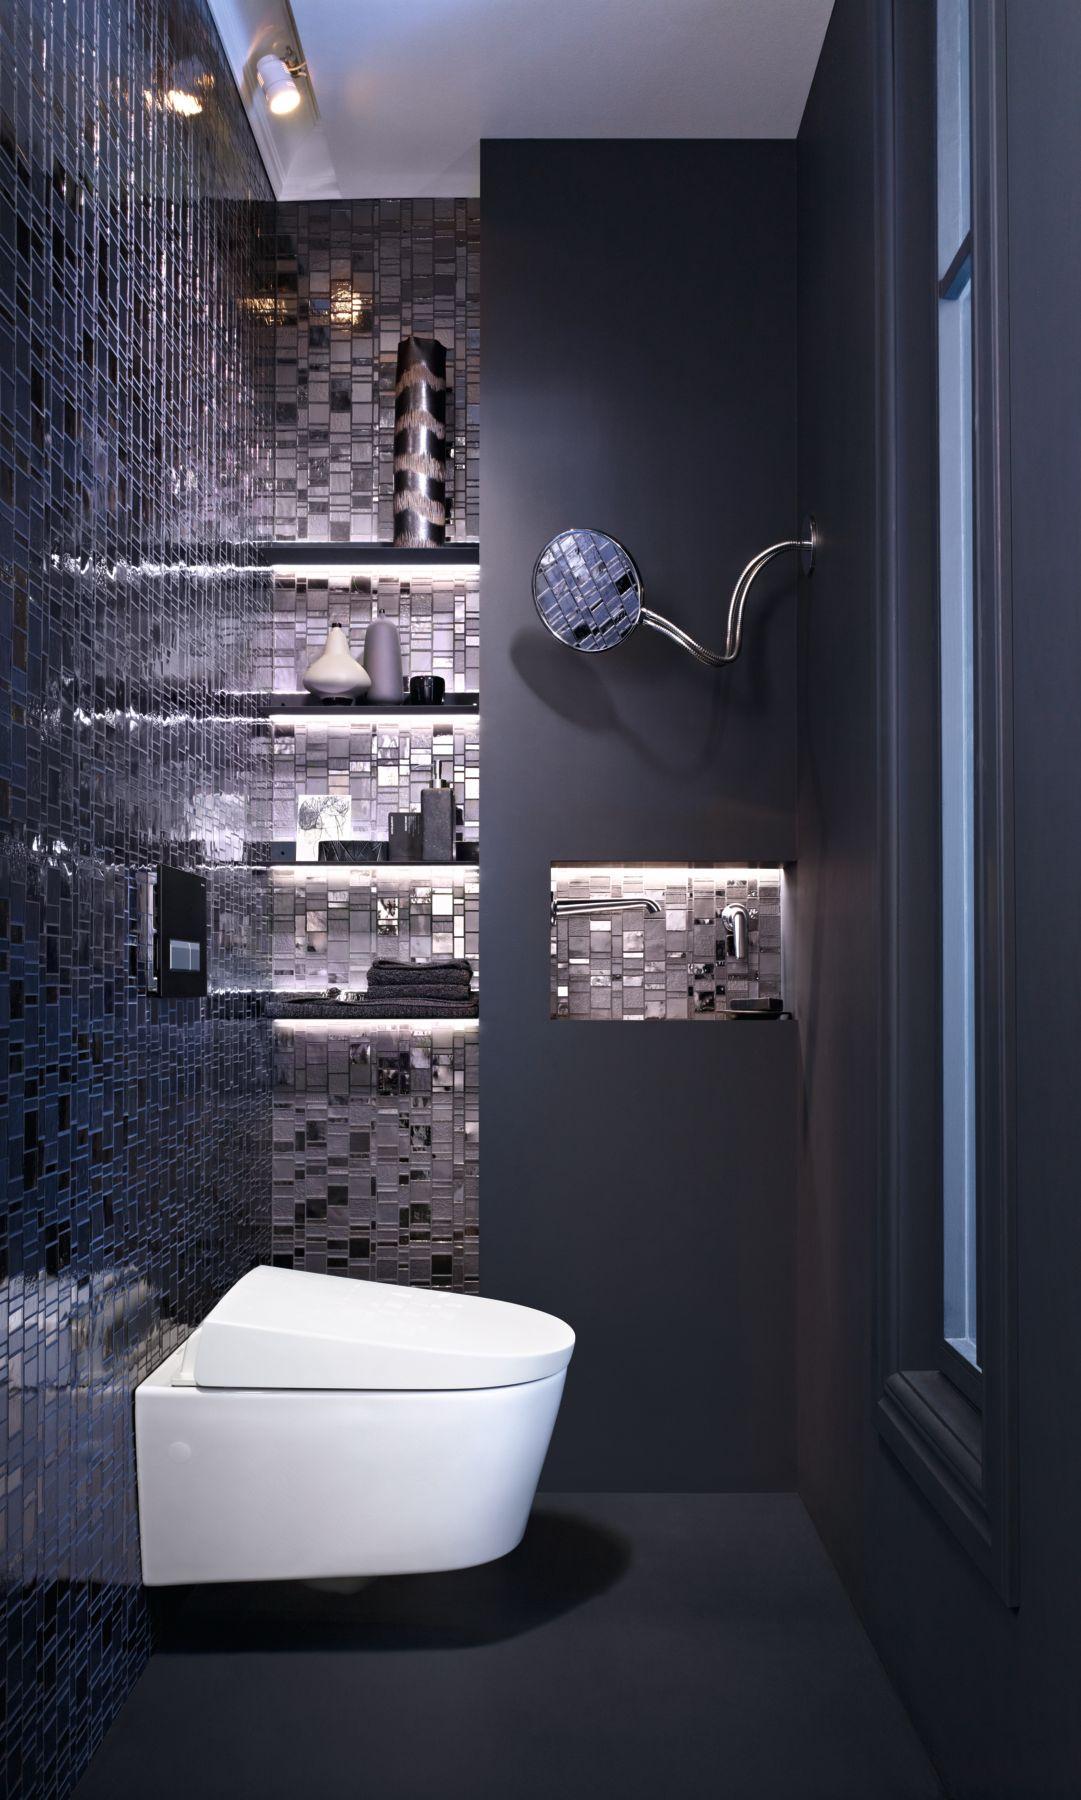 Toilet met toiletdouche AquaClean Geberit